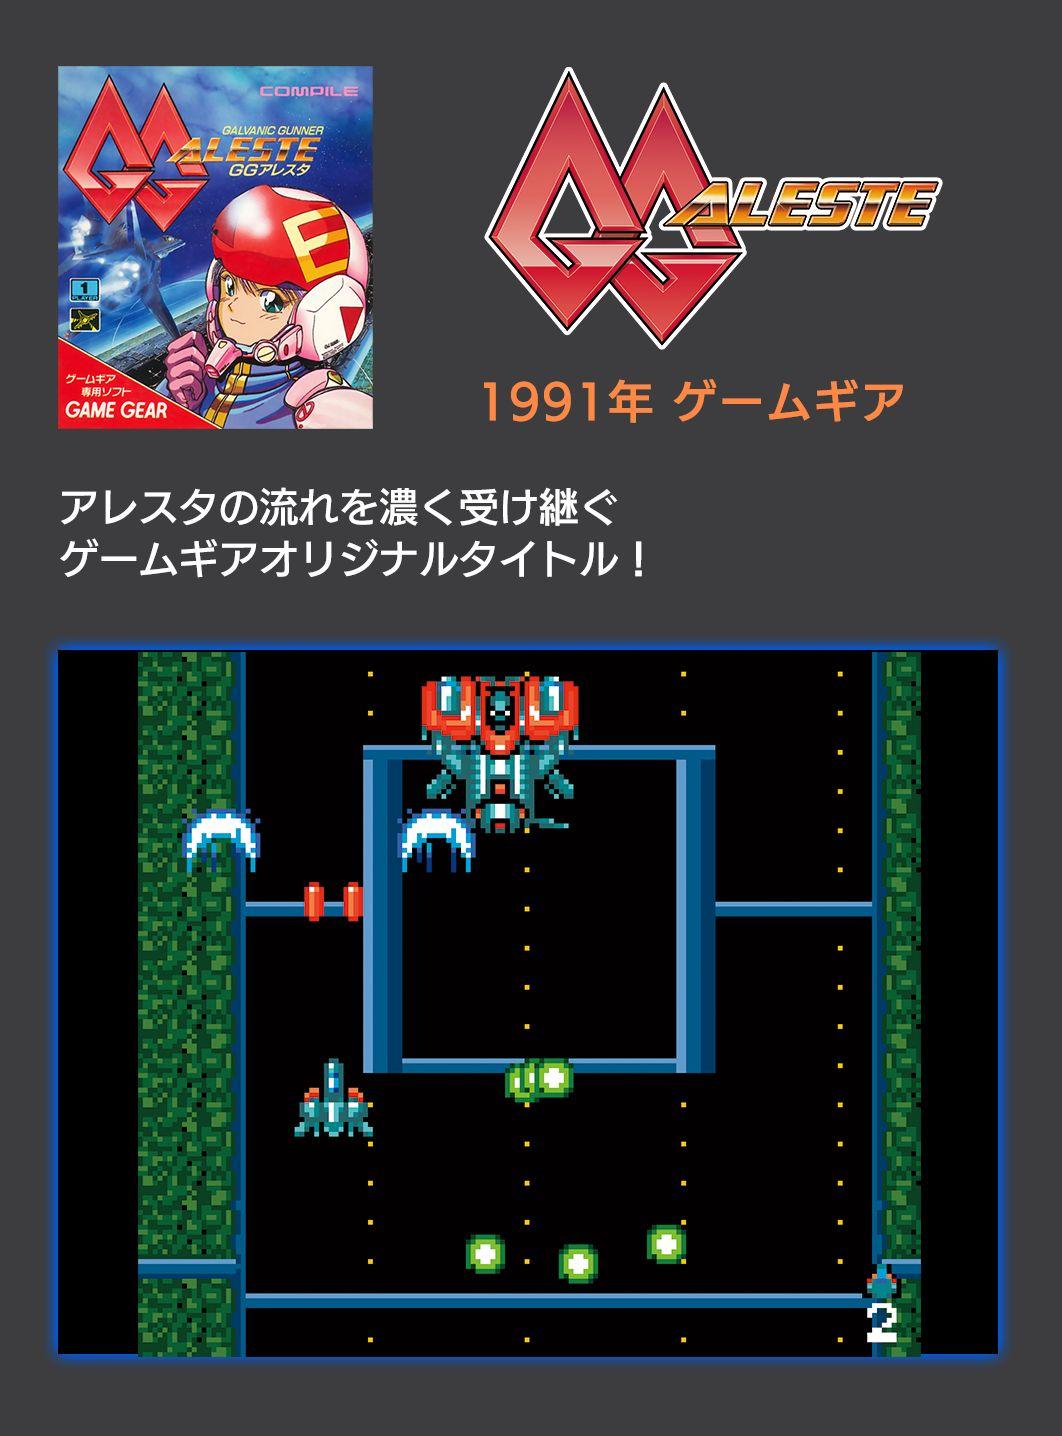 1991年に発売された「GGアレスタ」は、「アレスタ」の流れを濃く受け継ぐ、ゲームギア用の完全新作